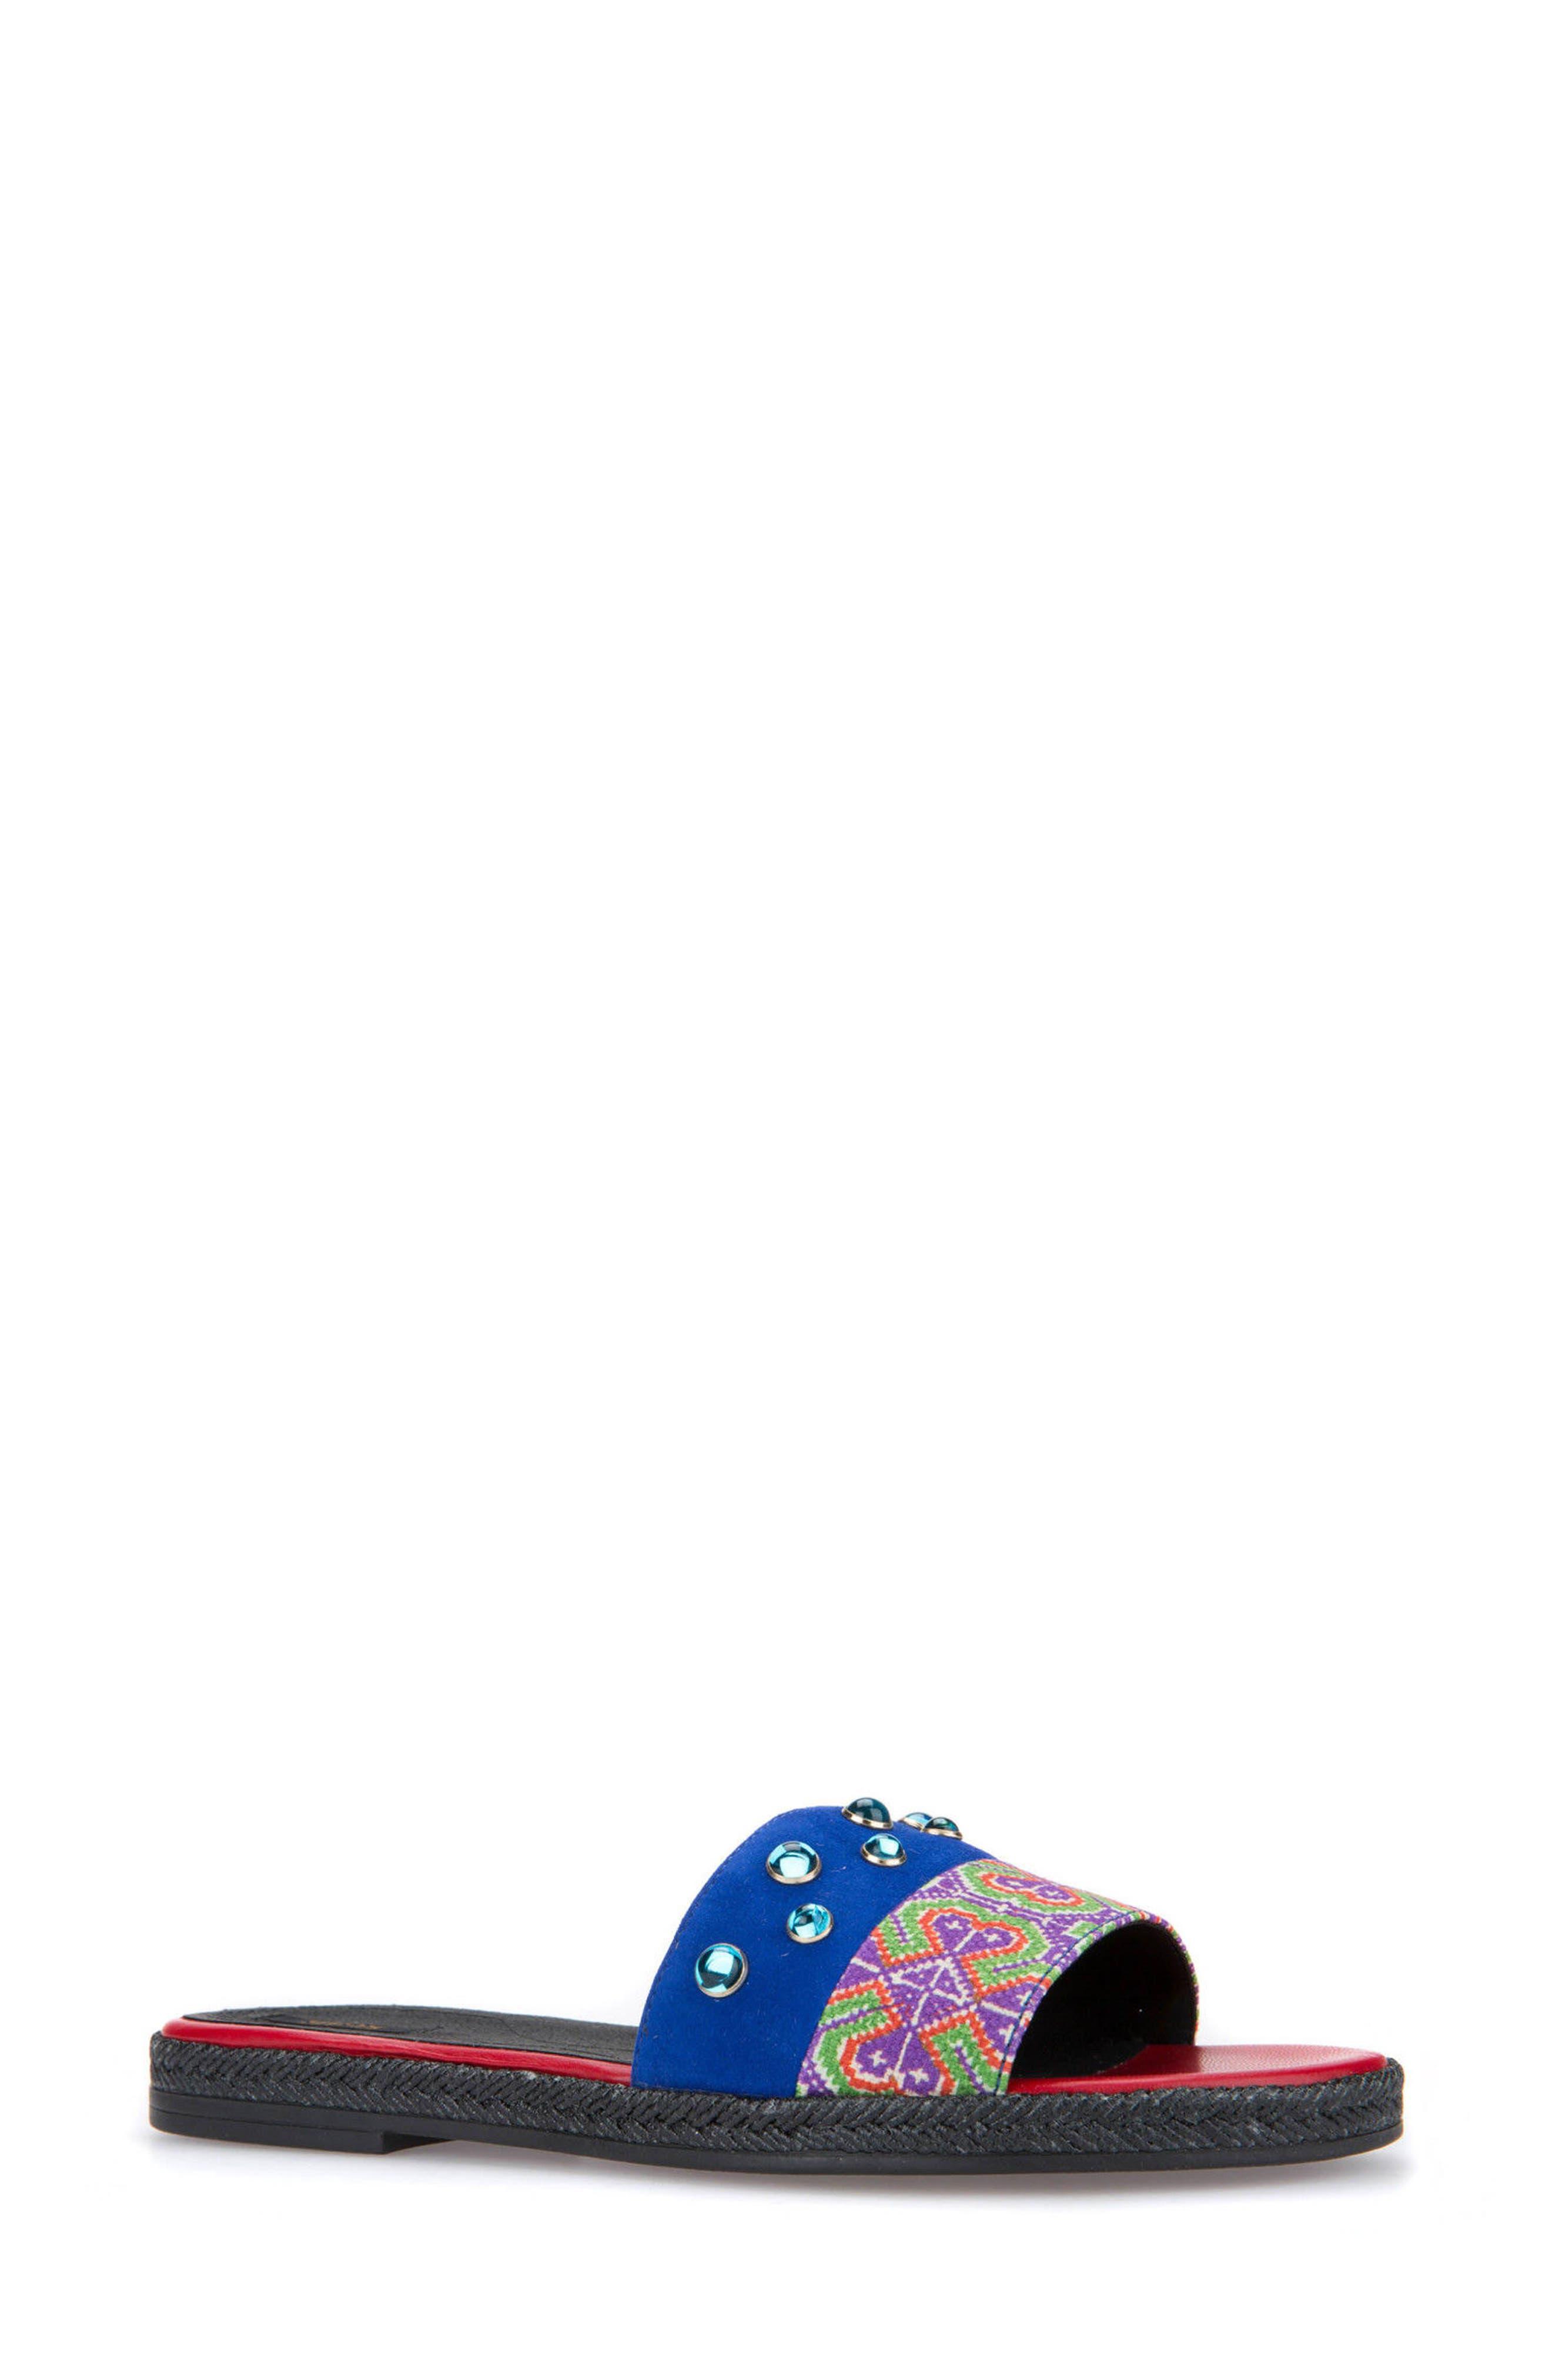 Geox Kolleen Slide Sandal (Women)